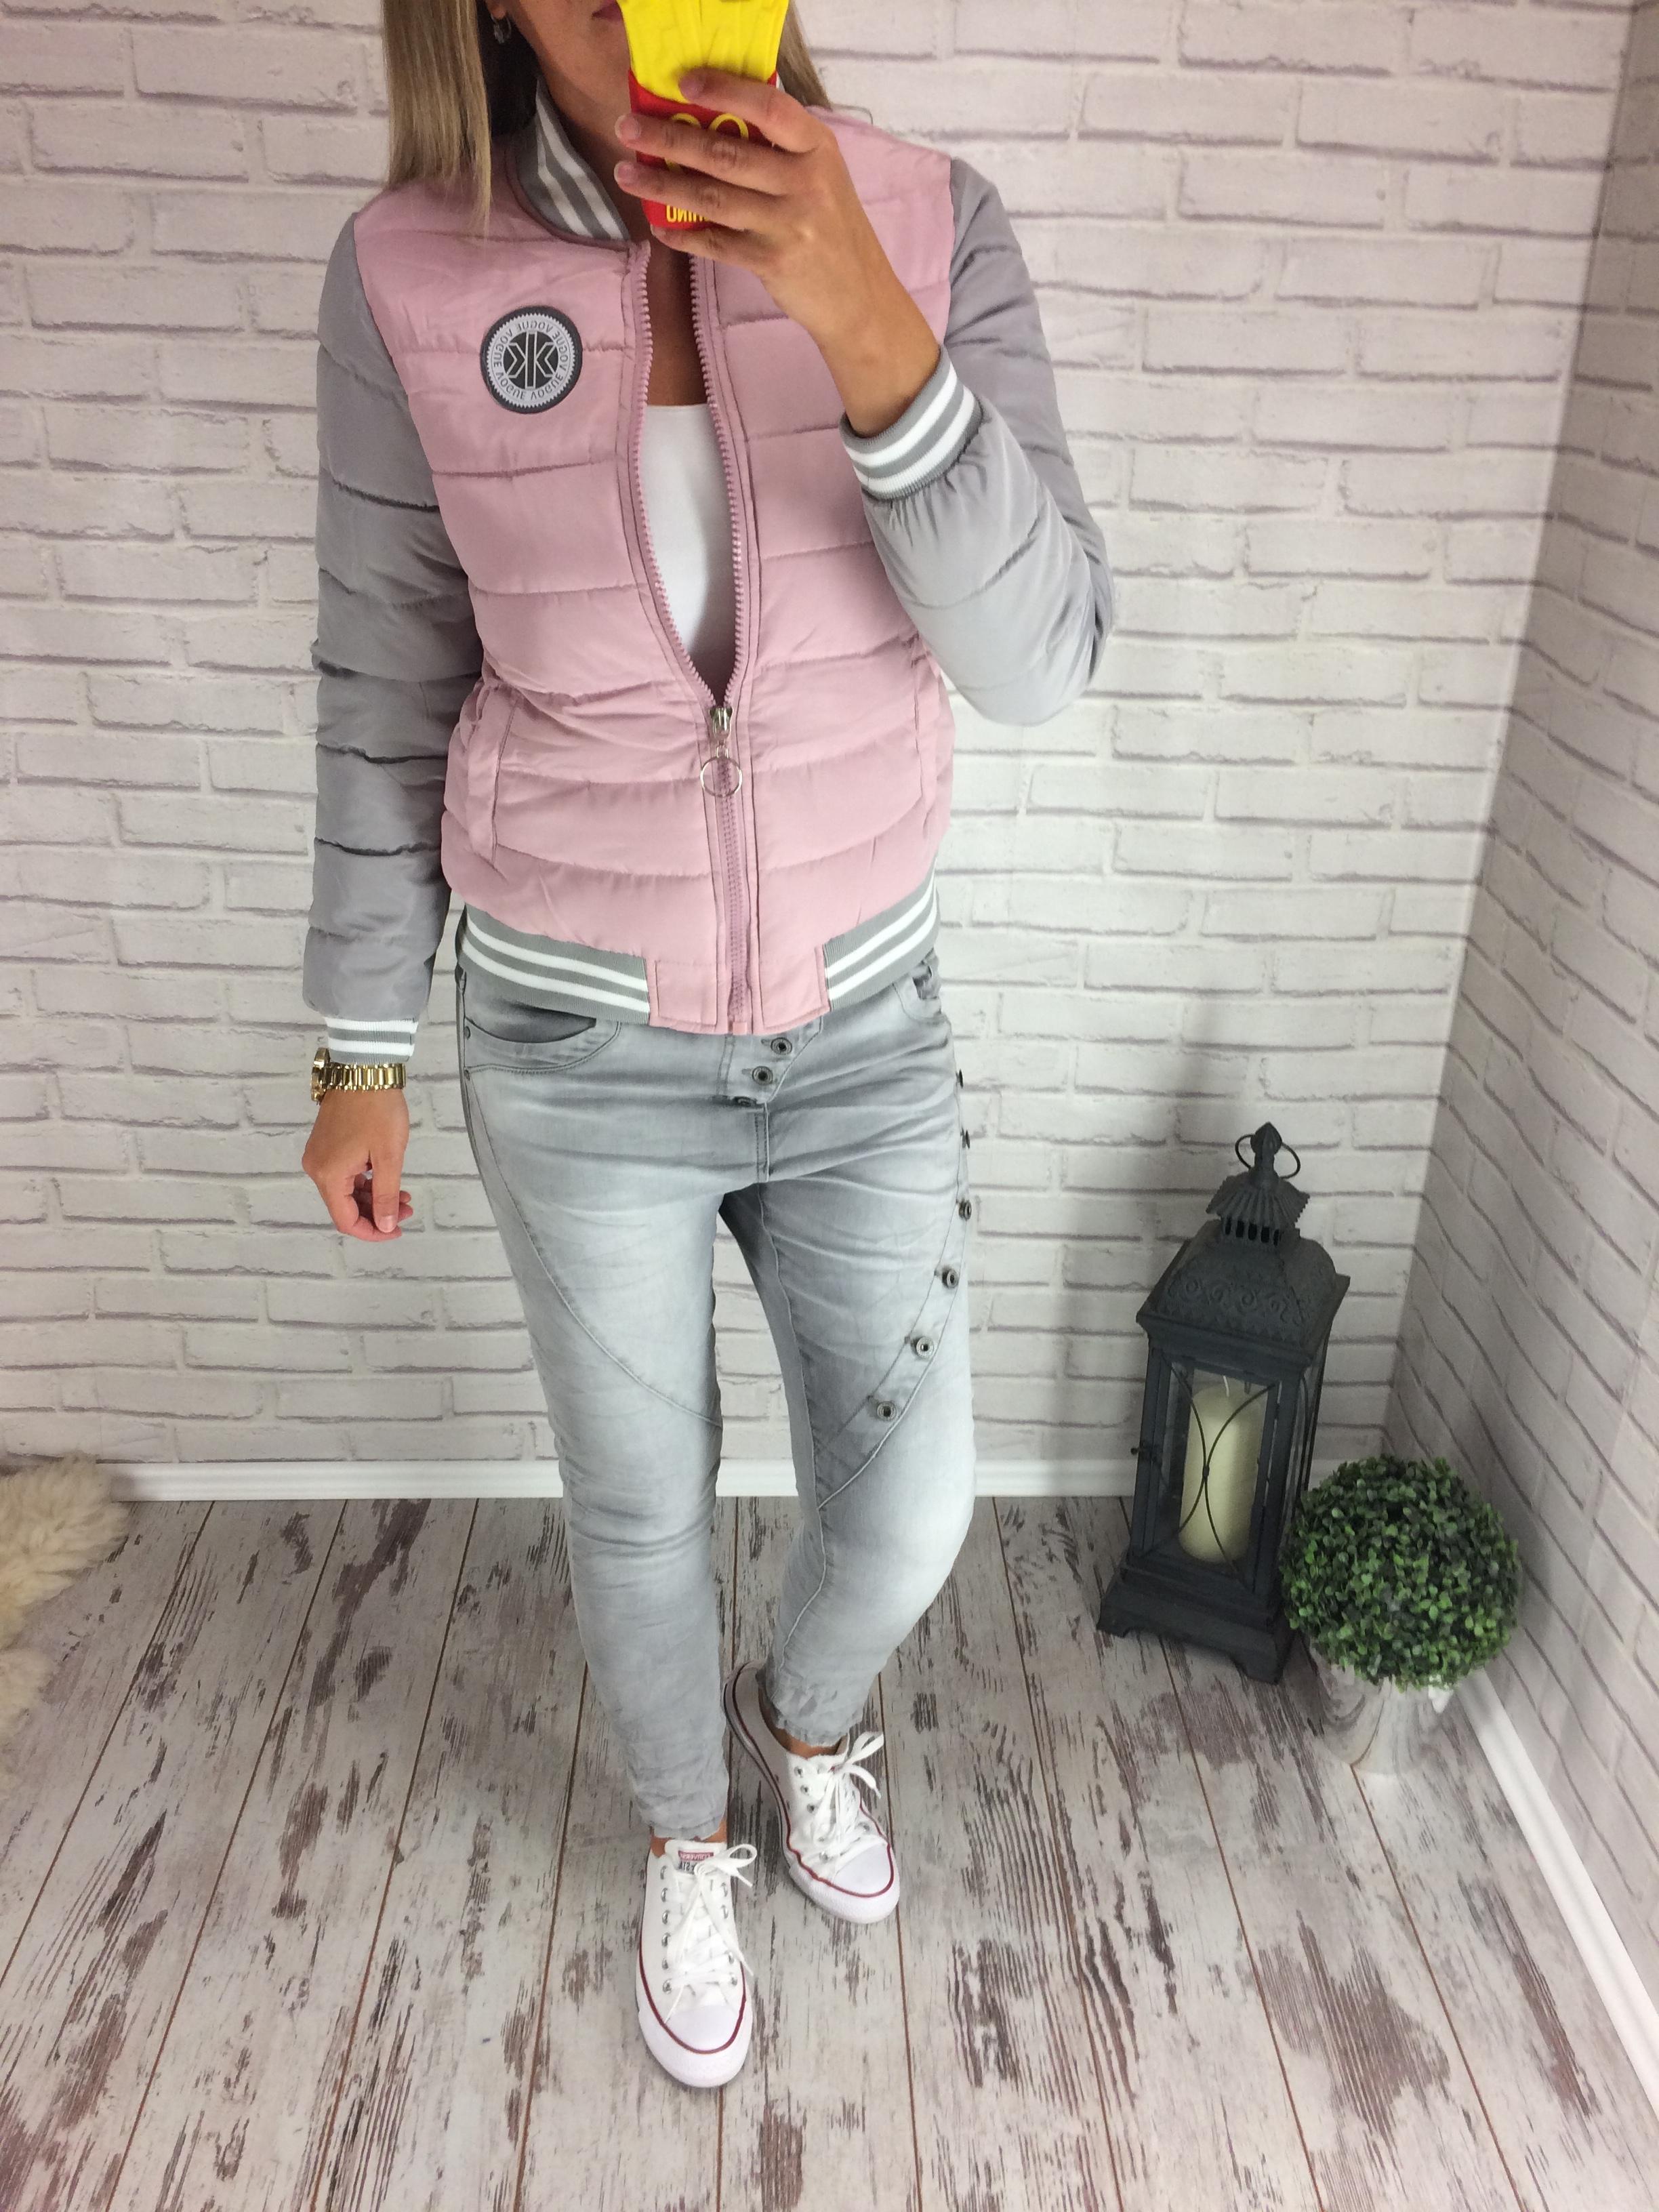 66dee6e2bc1 Krásná bomber podzimní - zimní bunda pink-grey